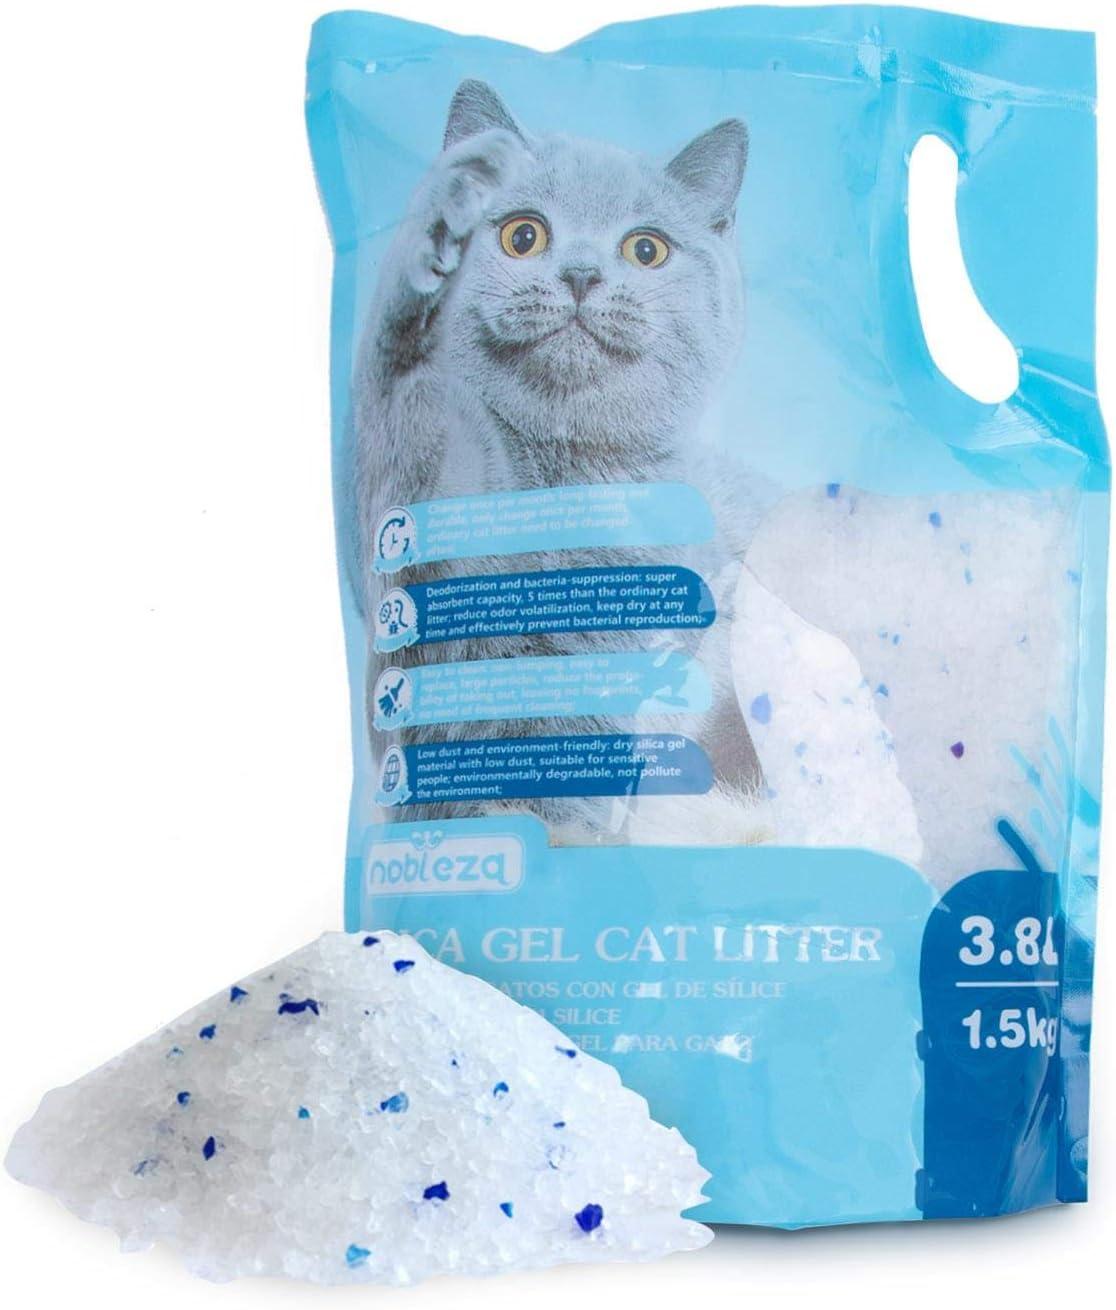 Nobleza - Arena para Gatos de sílice Camada para Gatitos de Gel de Diamante 3.8L Absorbente, Cómodo Biodegradable